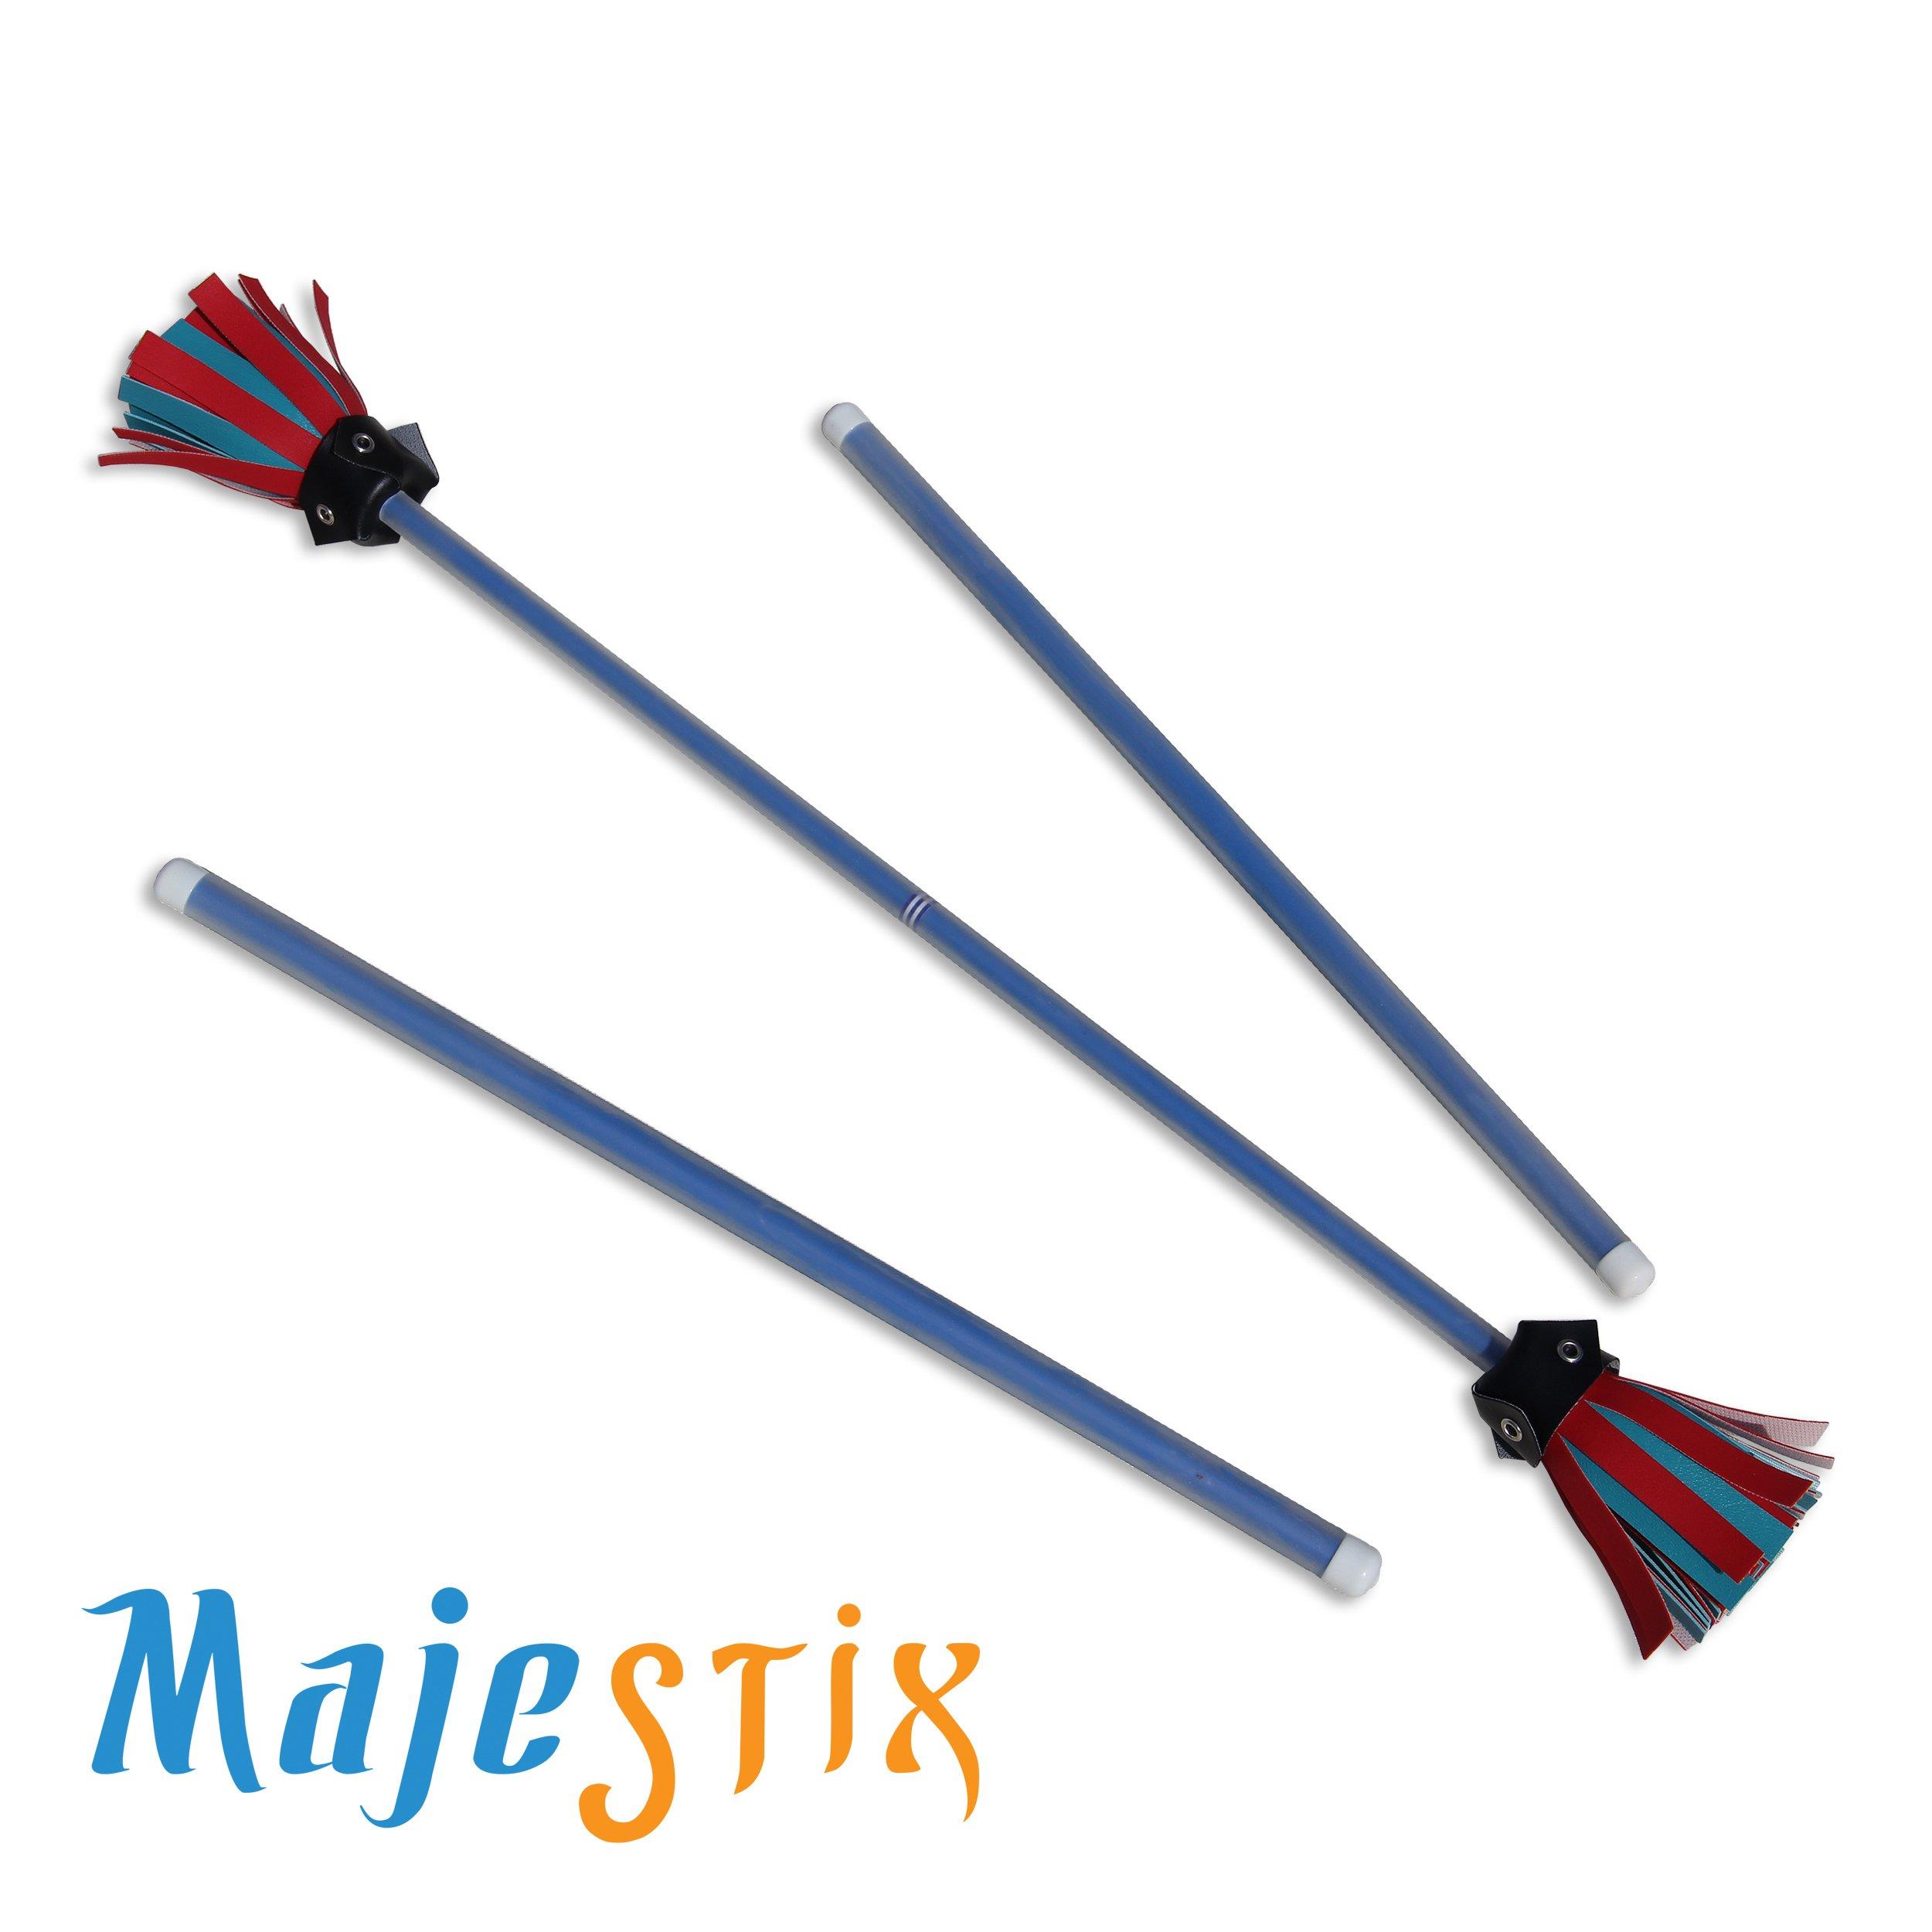 Blue Majestix Juggling Sticks Devil Sticks by Jolly Lama! (Image #2)